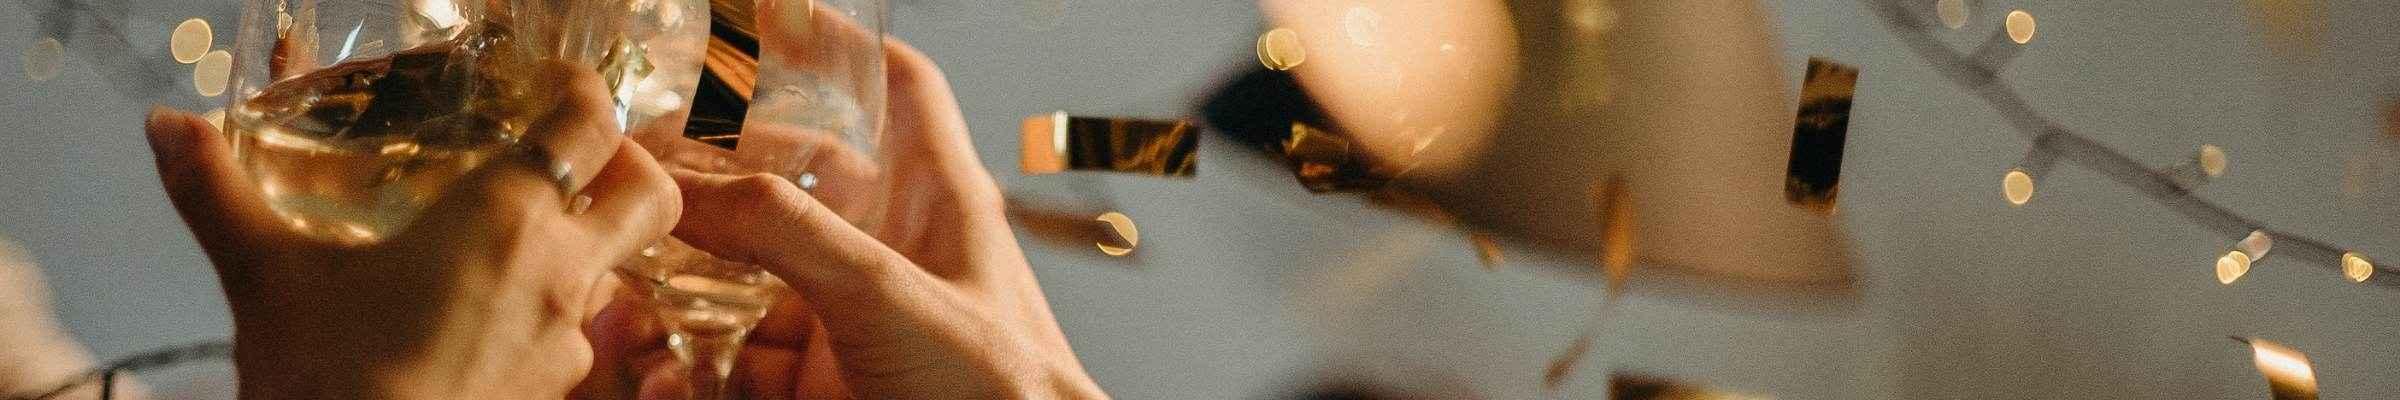 Vin pétillant : sélection de champagne, mousseux ou prosecco